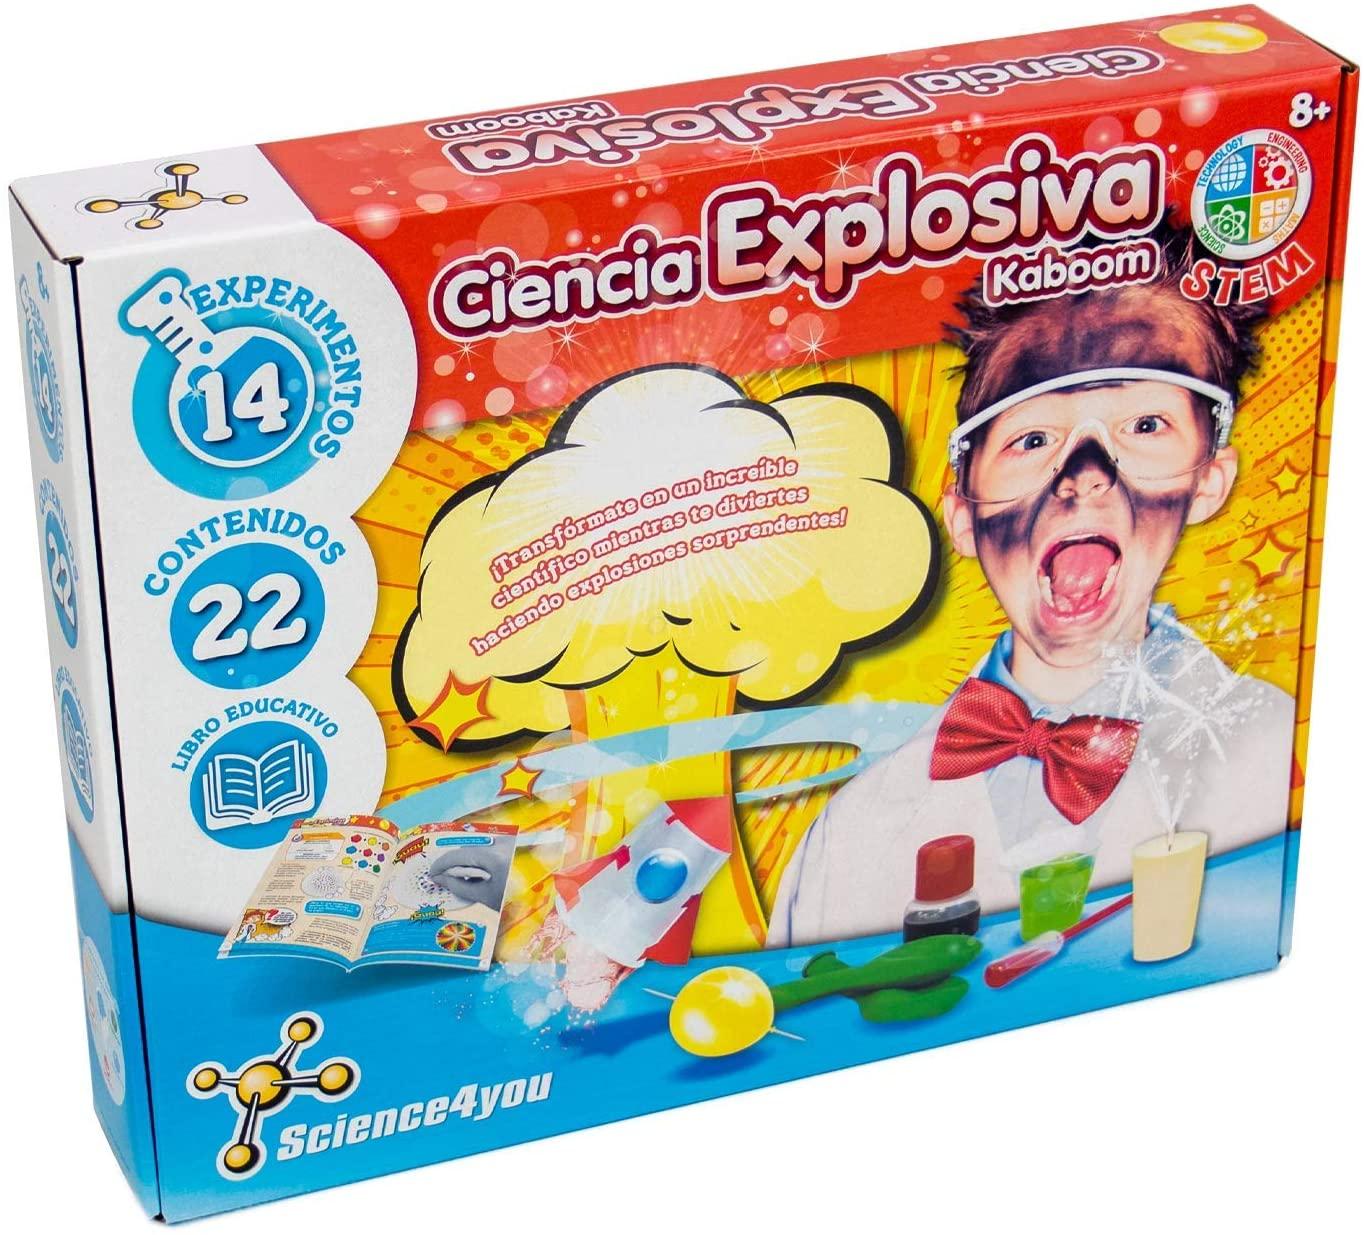 Ciencia Explosiva Kaboom para Niños Science4you